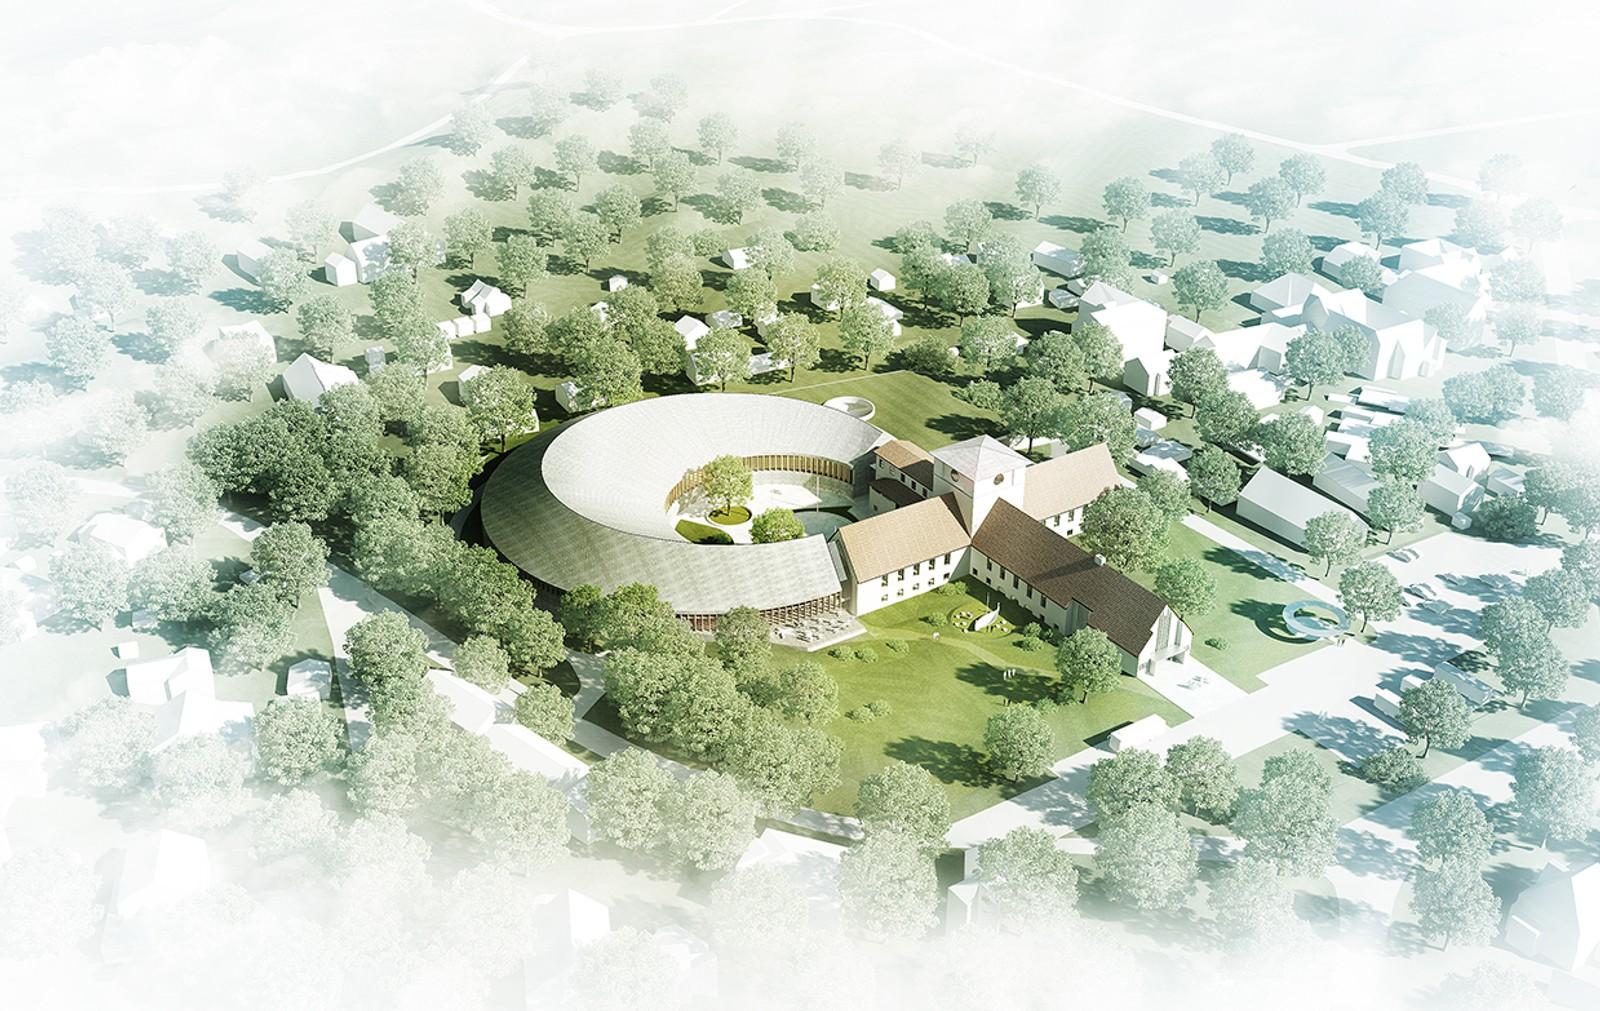 Dette forslaget kan virke som en moderne utvidelse av vikingskipsmuseet.NRK har ikke fått vite hvem som har sendt inn bidragene.